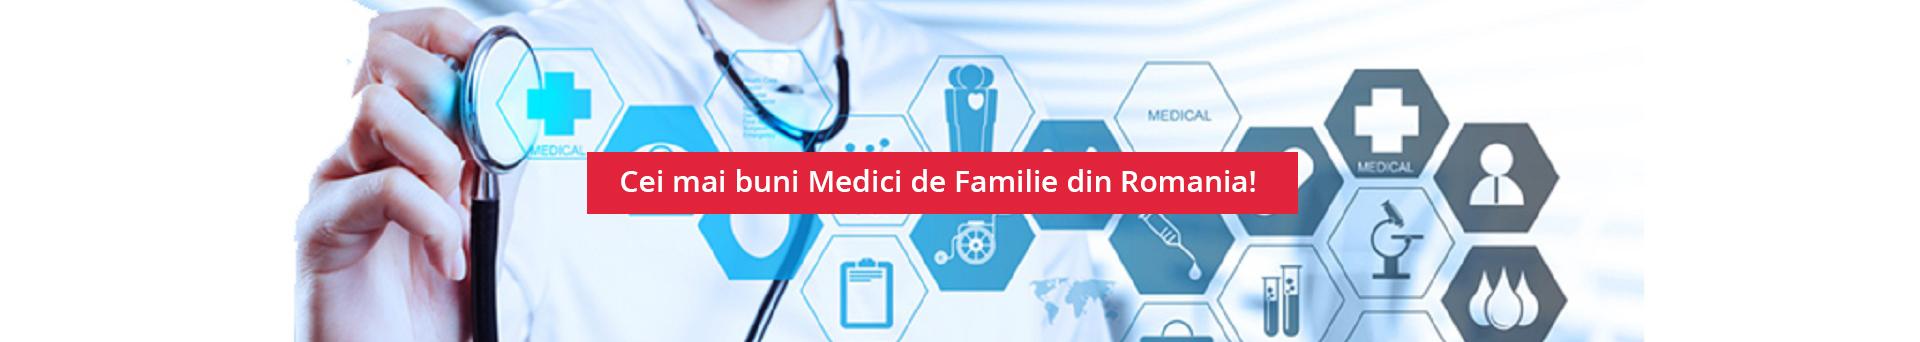 Cei mai buni Medici de Familie din Romania!